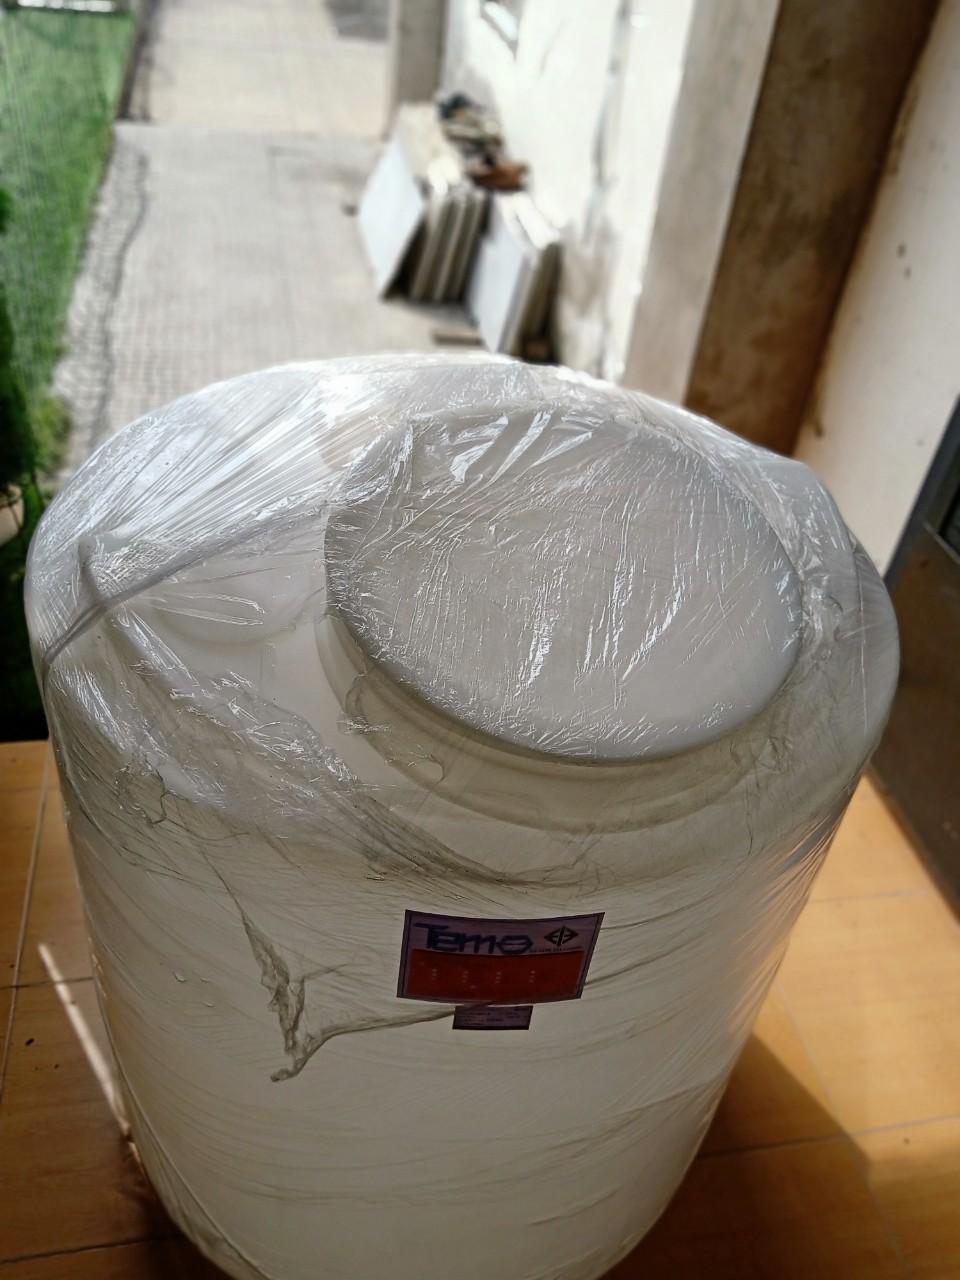 Bồn nhựa PE đựng hóa chất 200L hiệu Tema mã CEN200B-M118N của hãng Pakco